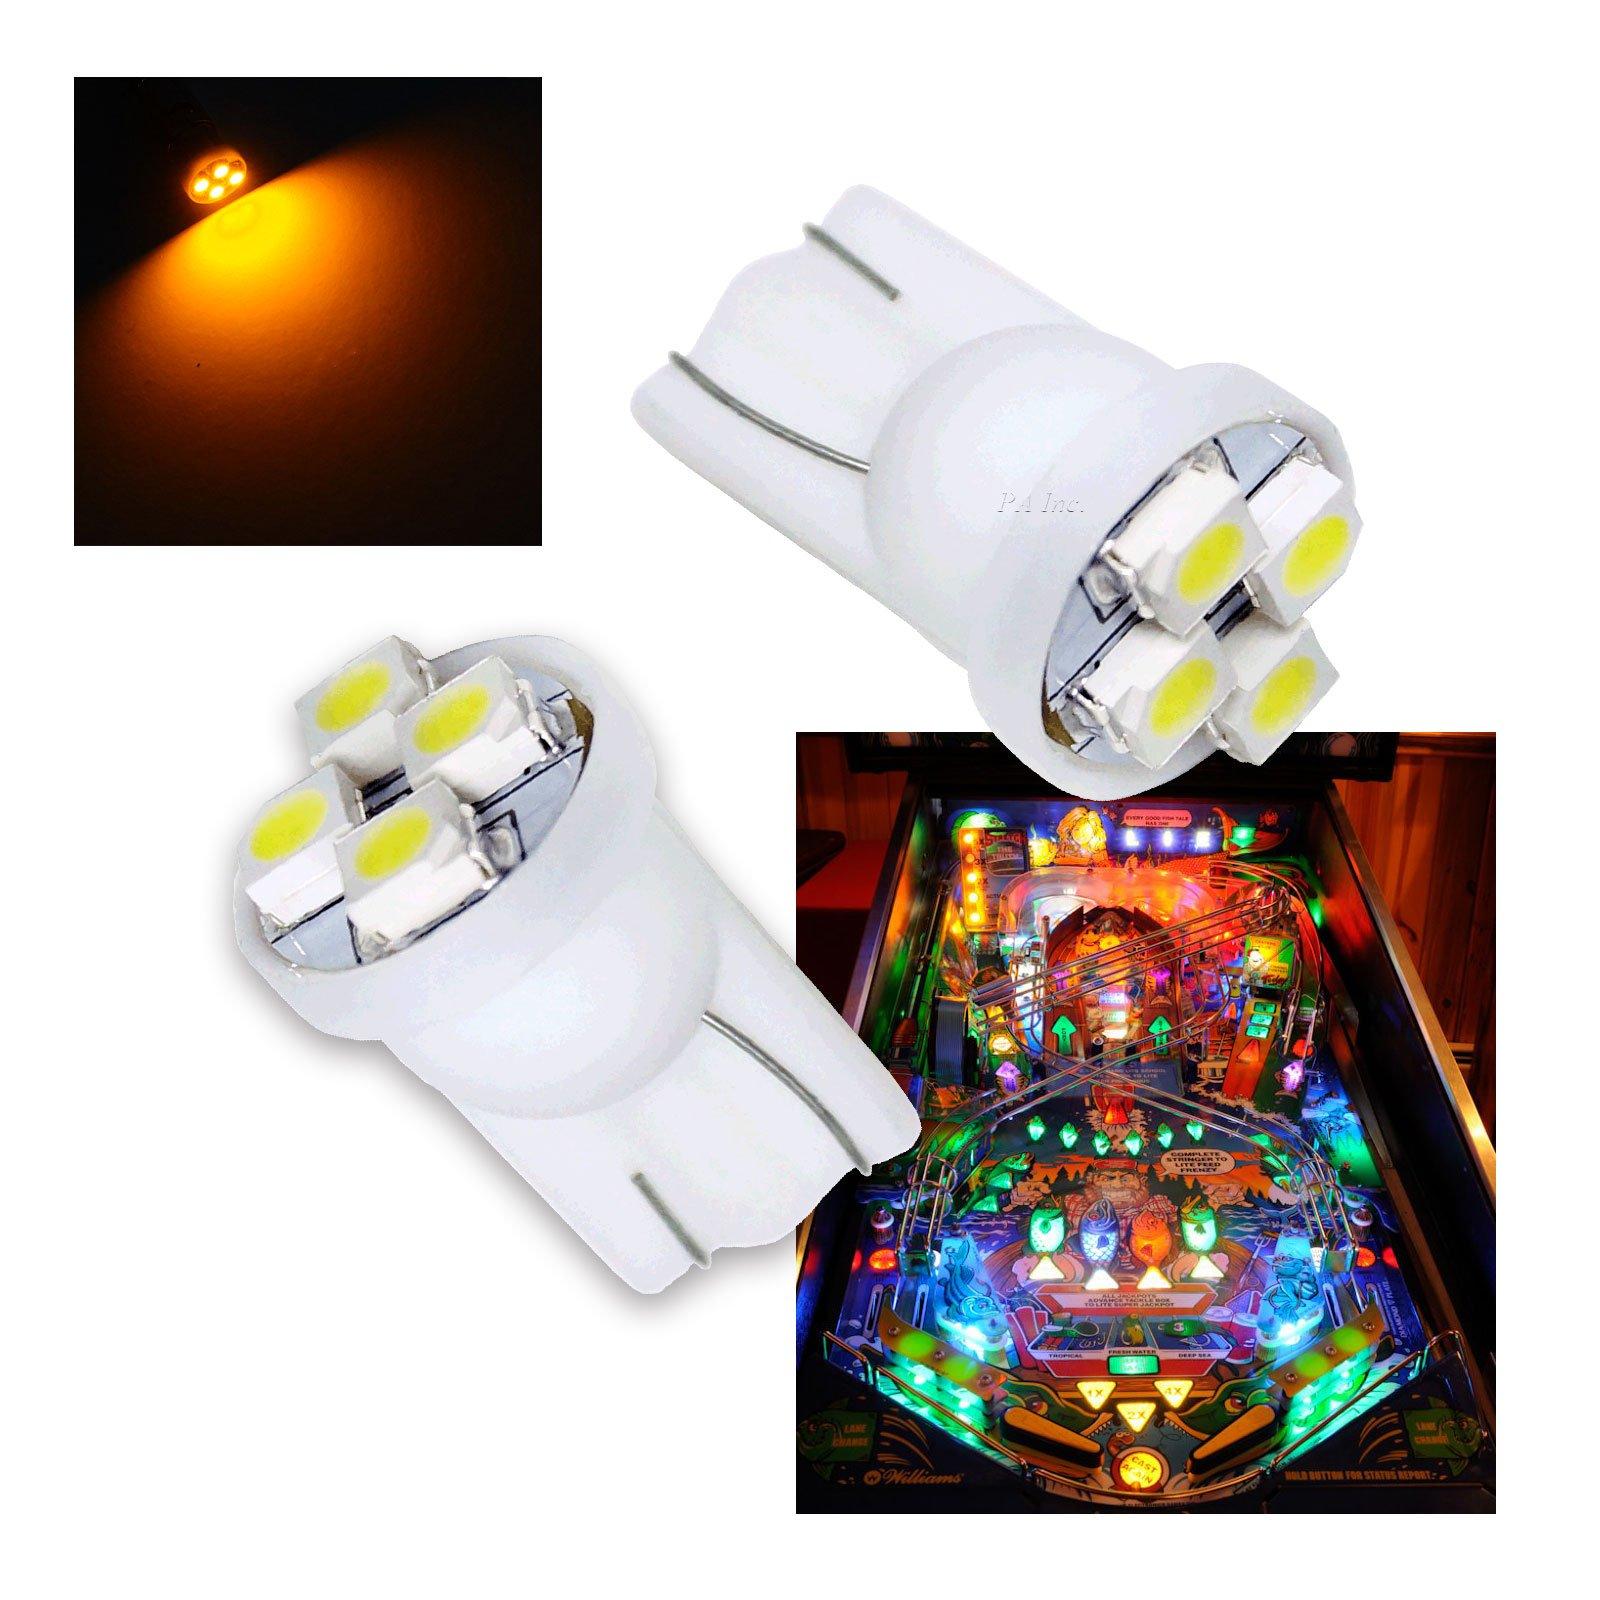 PA 10PCS #555 T10 4SMD LED Pinball Machine Light Bulb Yellow(Orange/amber)-6.3V